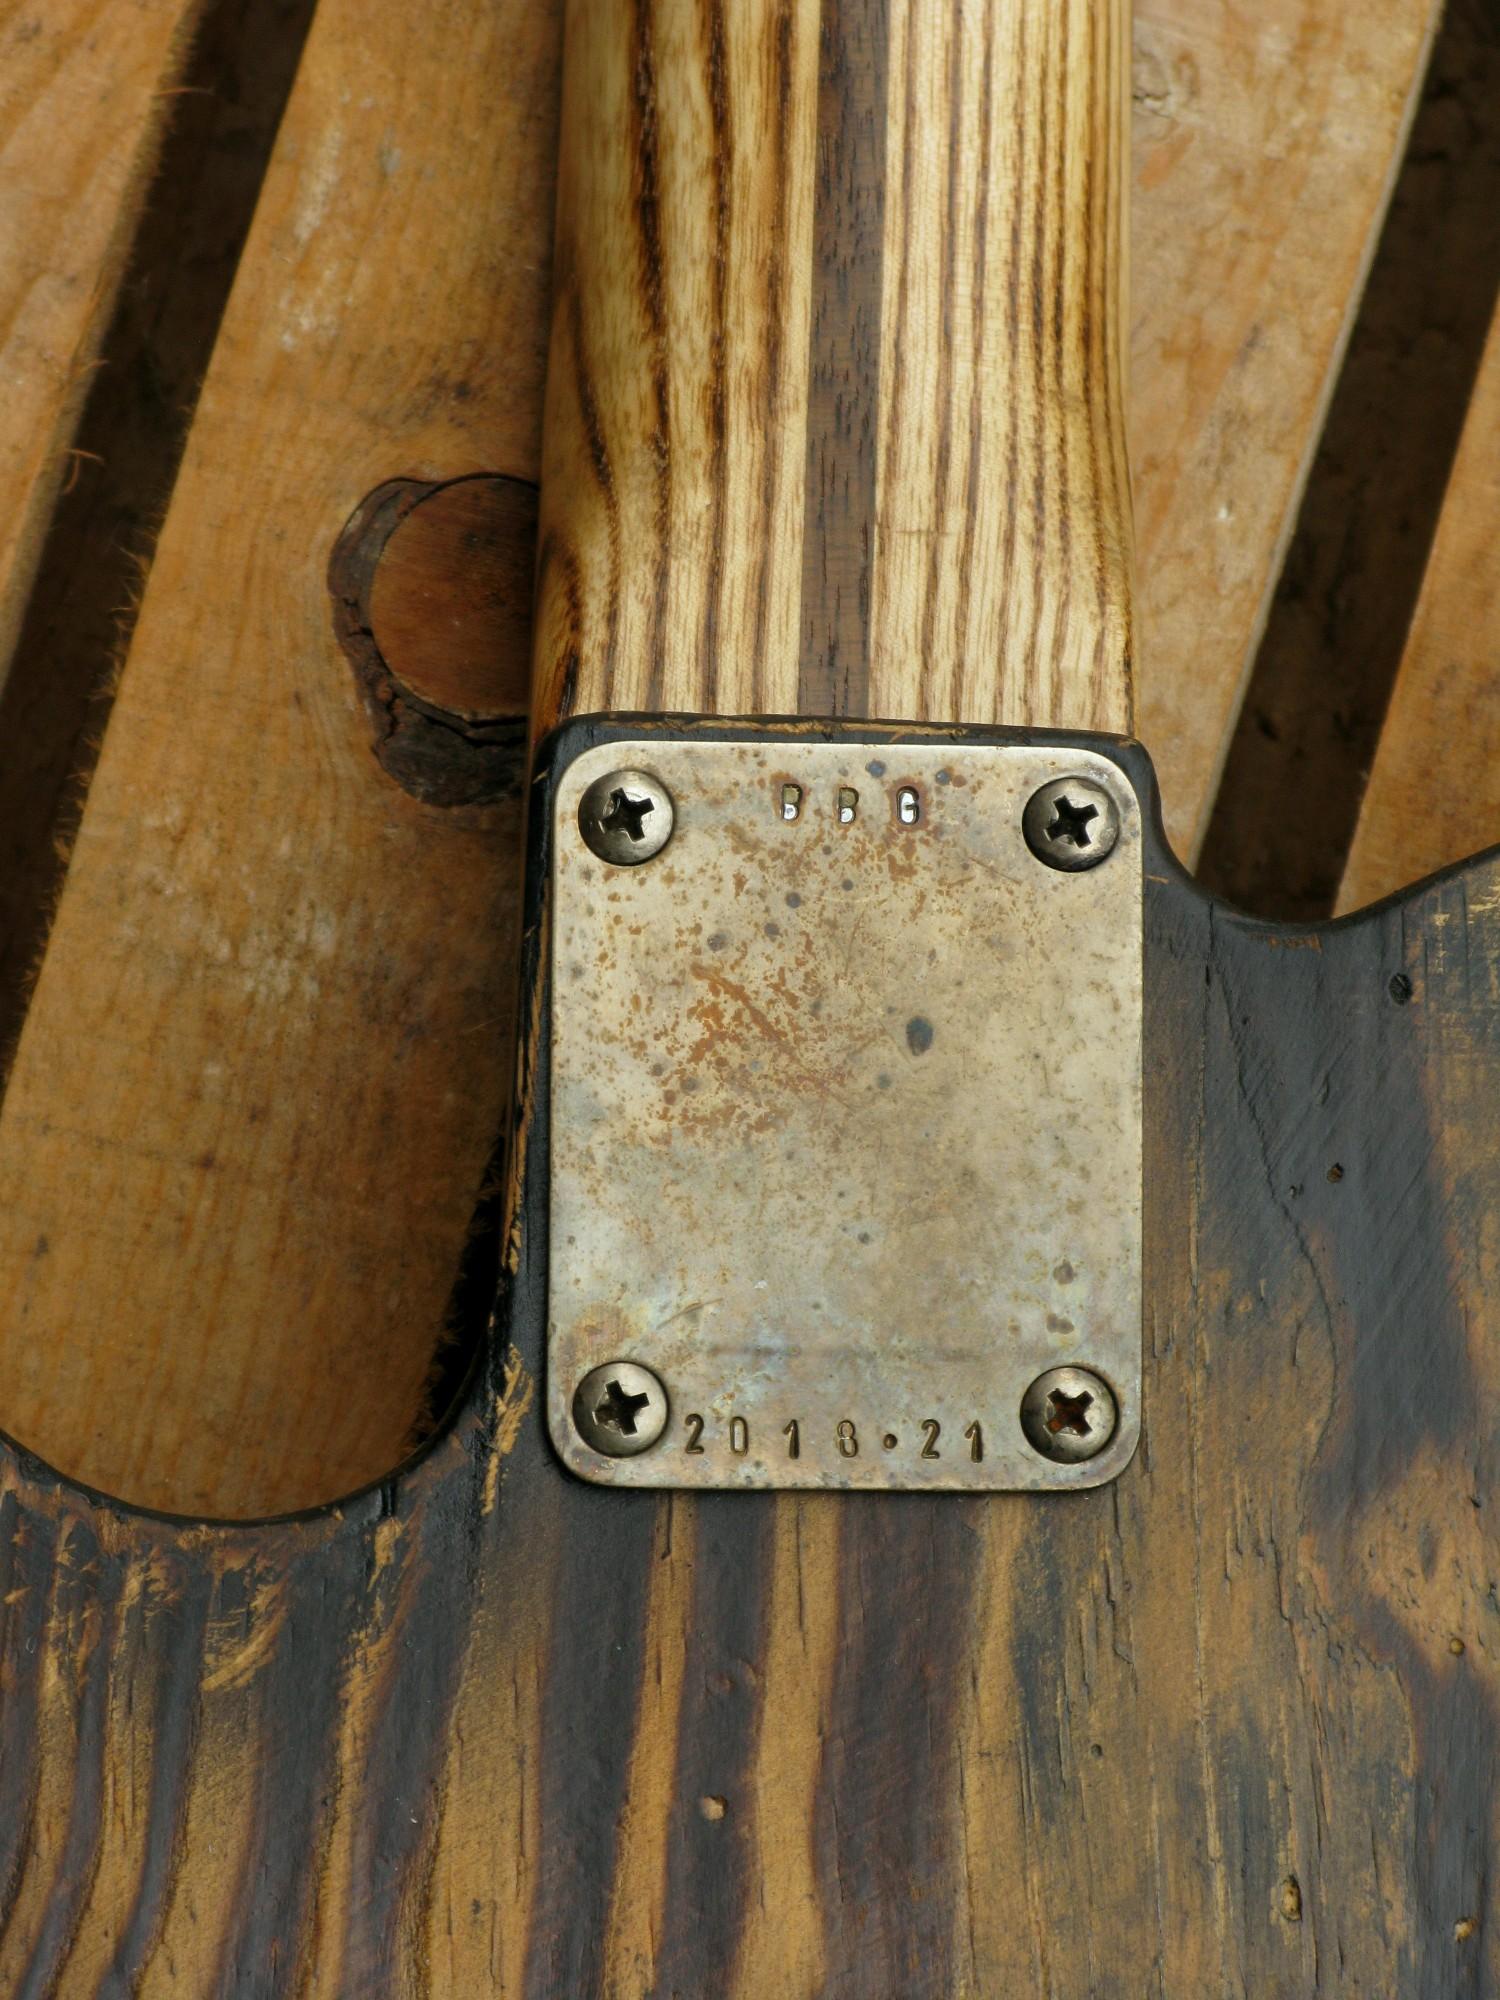 Dettaglio del retro di una Telecaster in pitch pine e manico in frassino